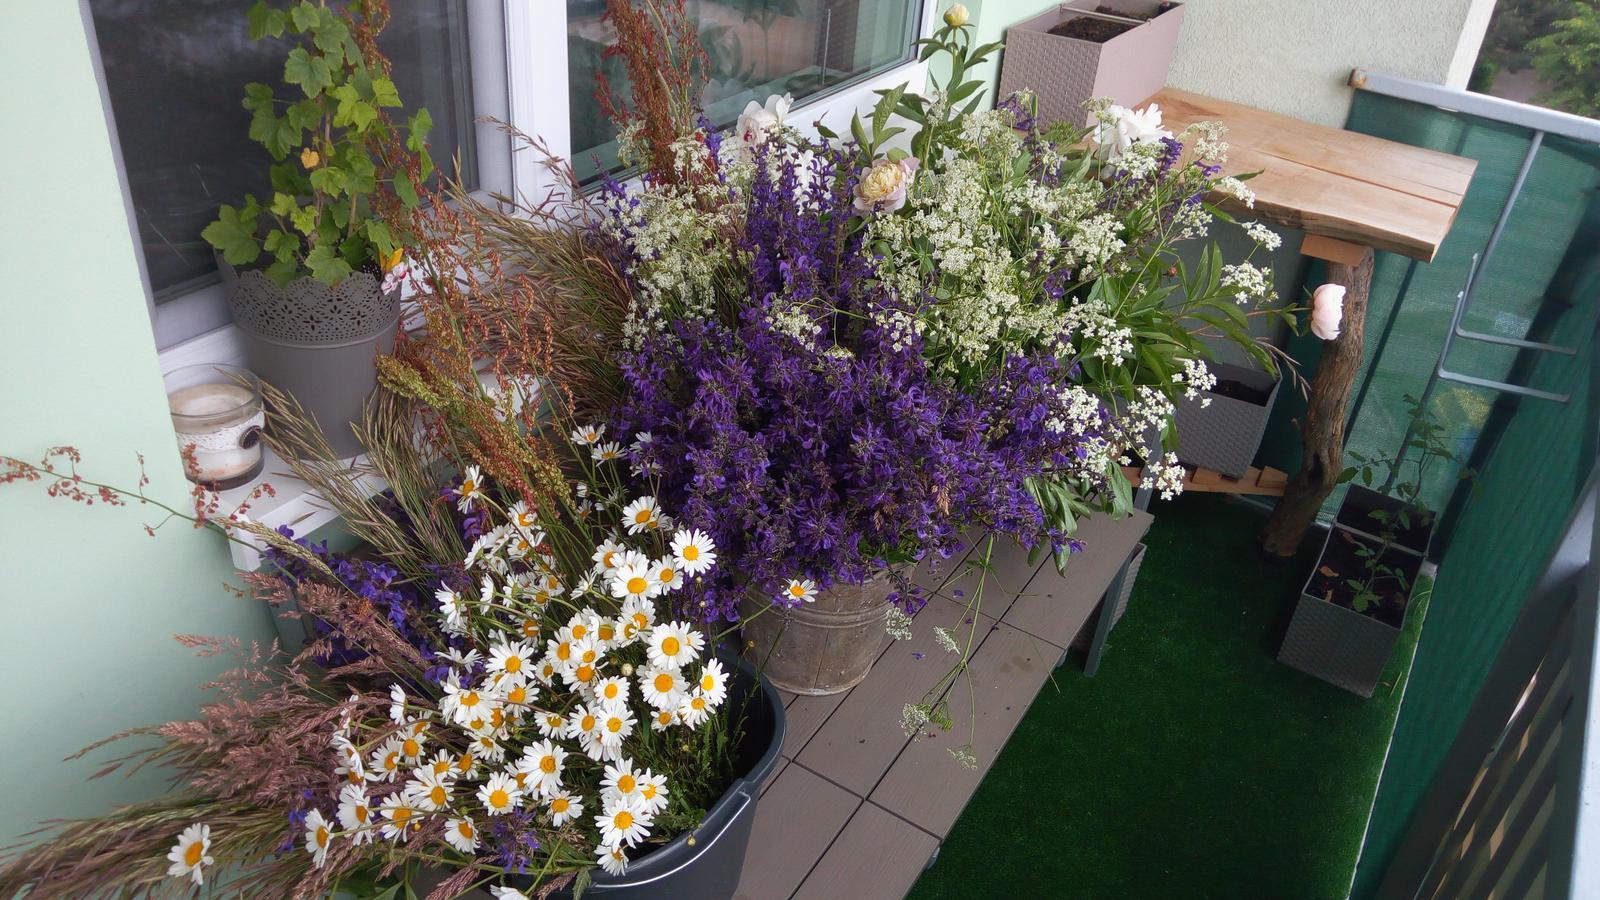 Milované kvietky 😊 Urobili sme si krásny deň a natrhali sme na lúke kvety na výzdobu 😊 - Obrázok č. 1